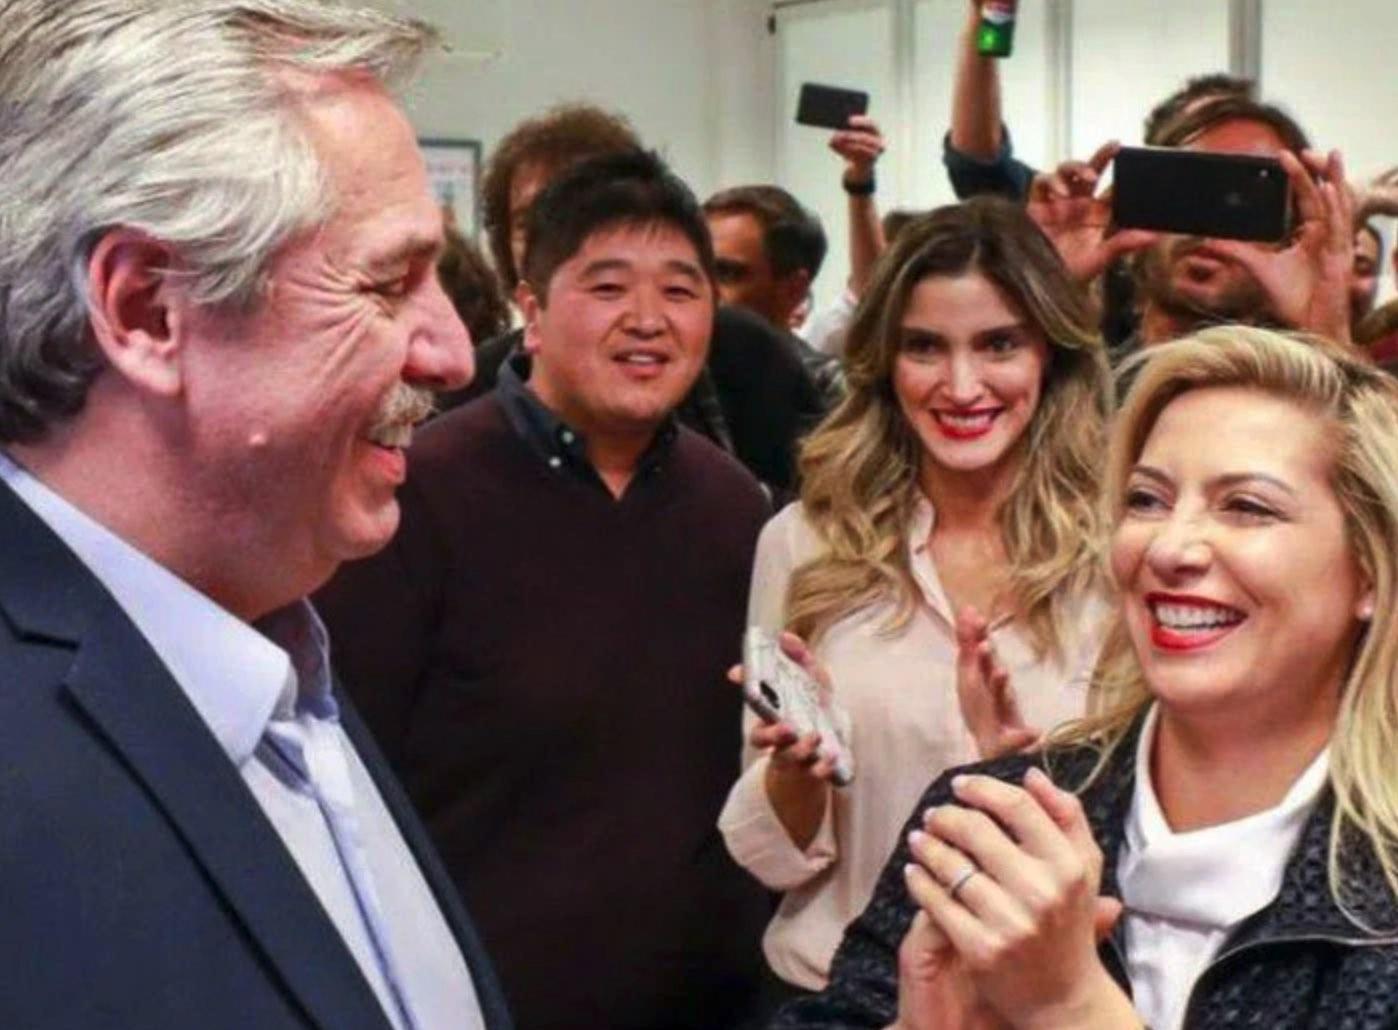 Alberto Fernández, OlivosGate, Cristina Kirchner, Fabiola Yáñez, Corrupción, Encuestas Frente de Todos Legislativas 2021